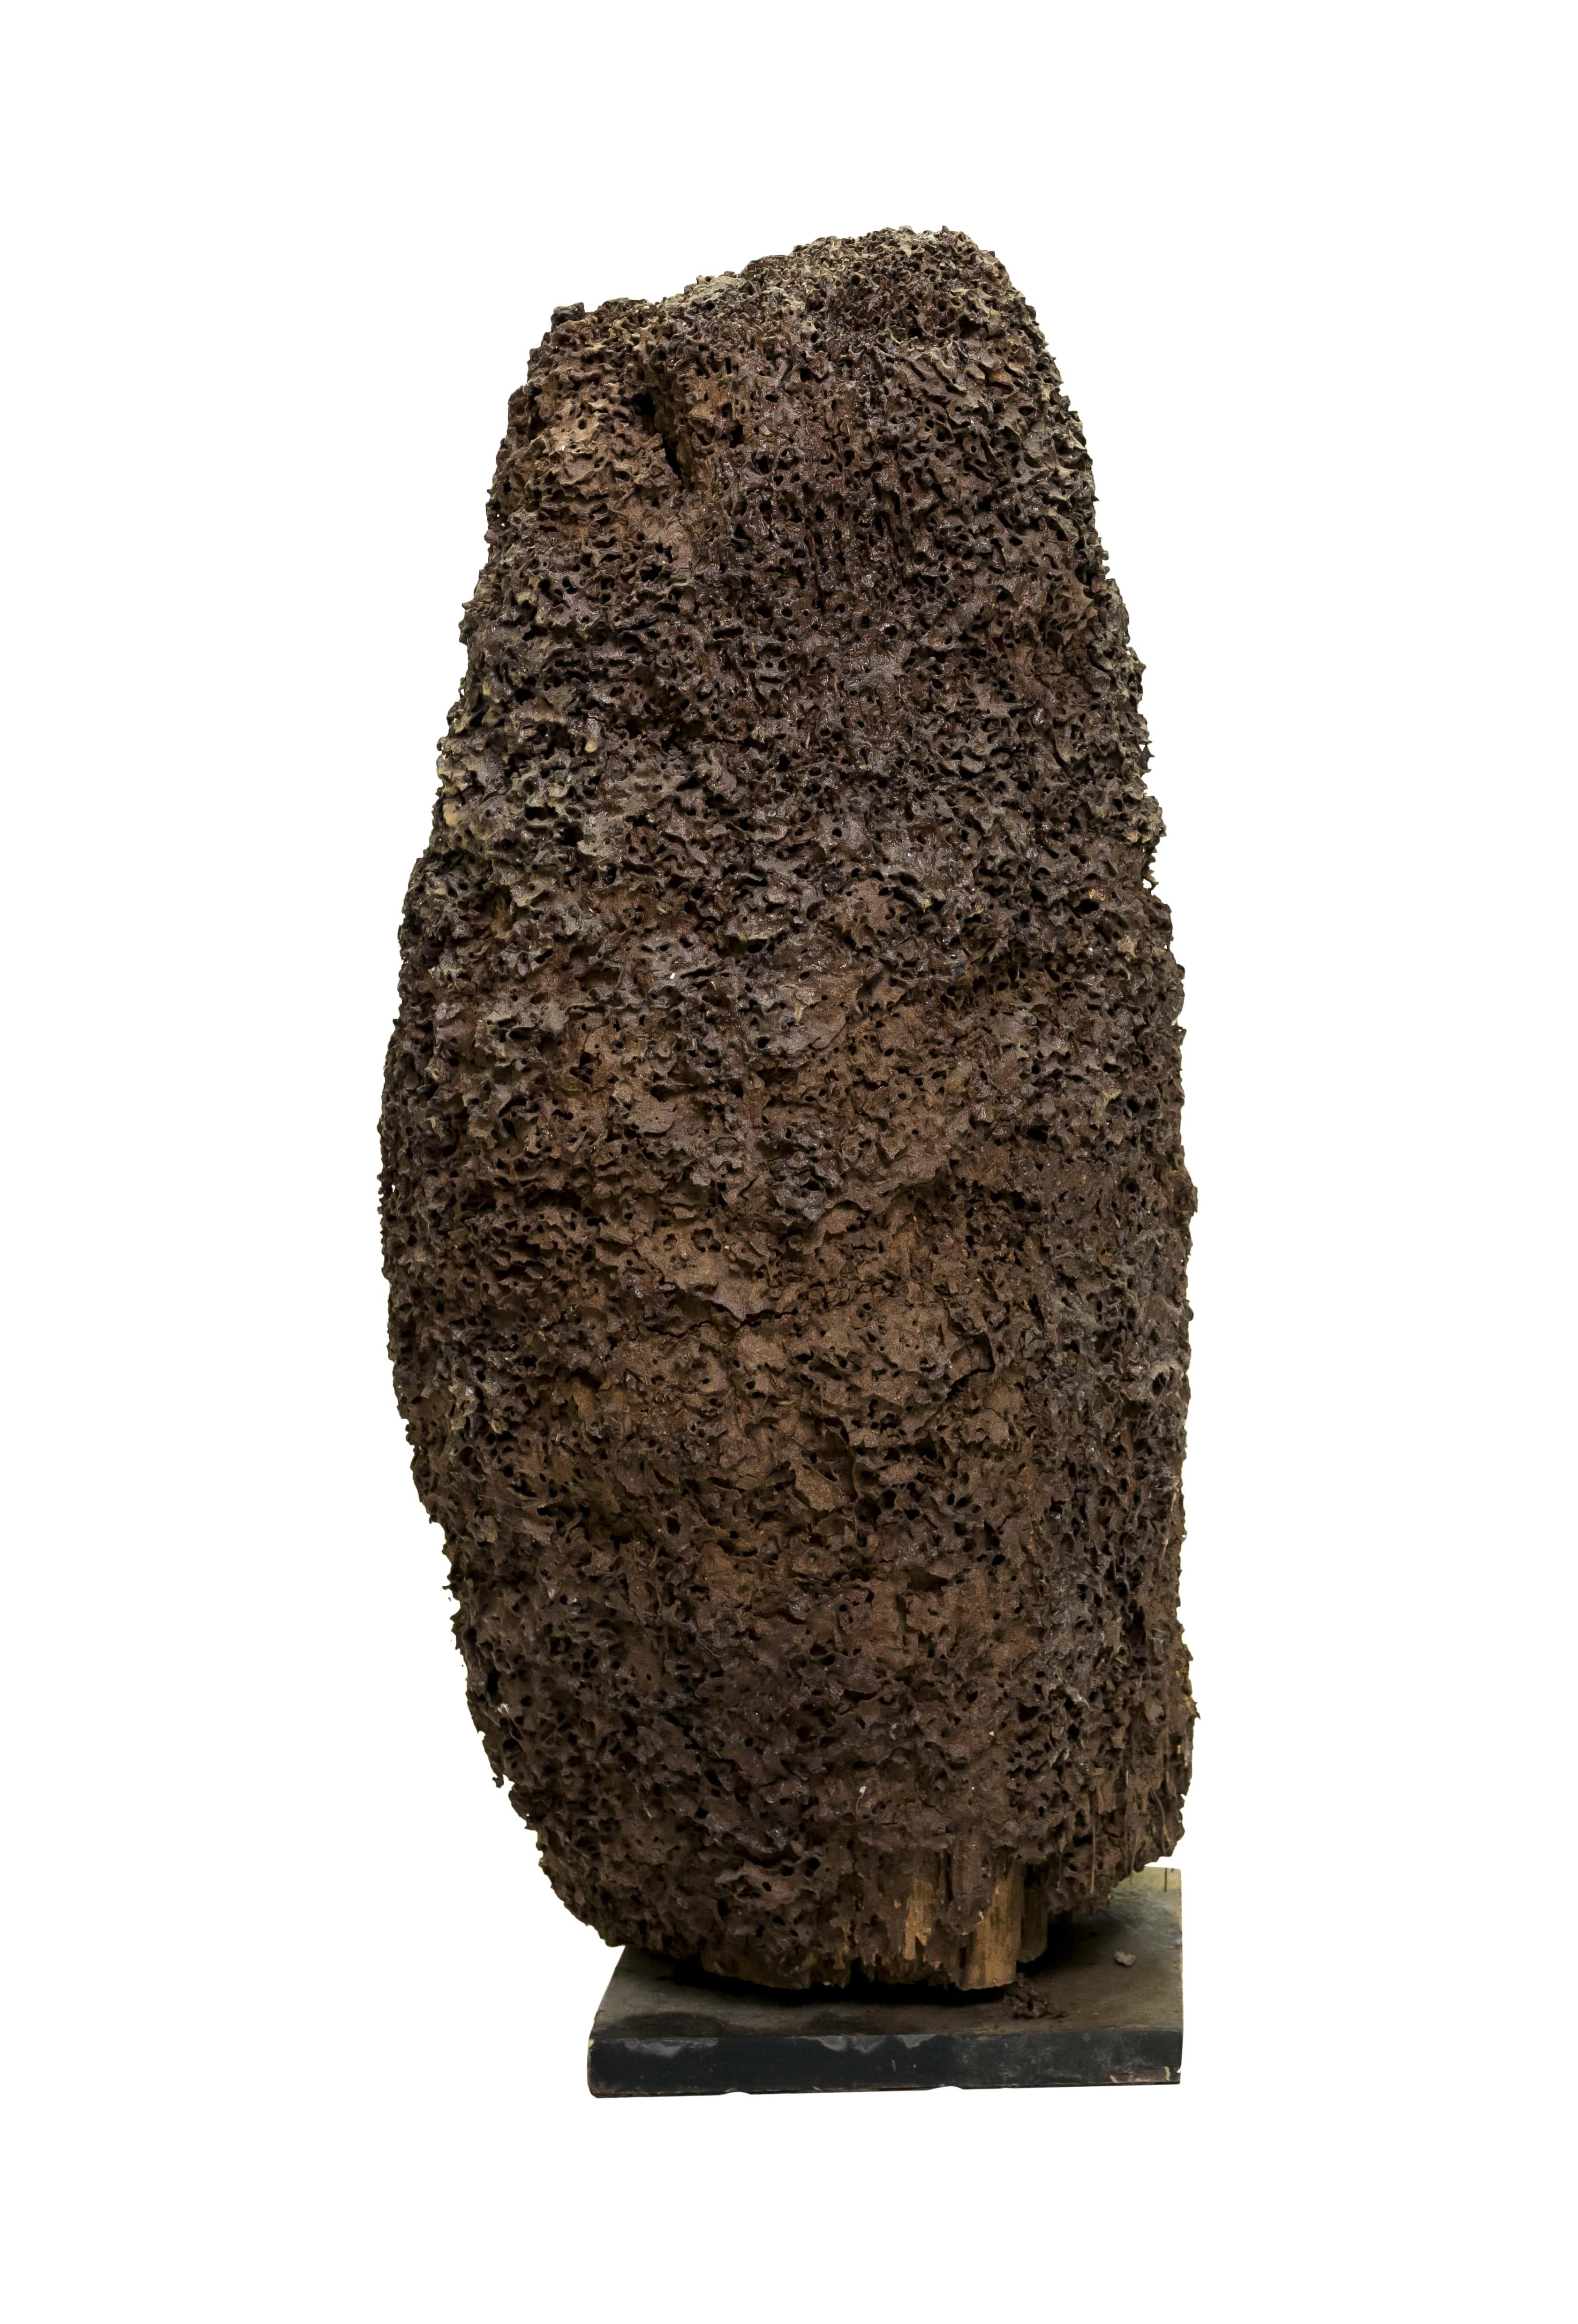 Escultura decorativa natural de termitas